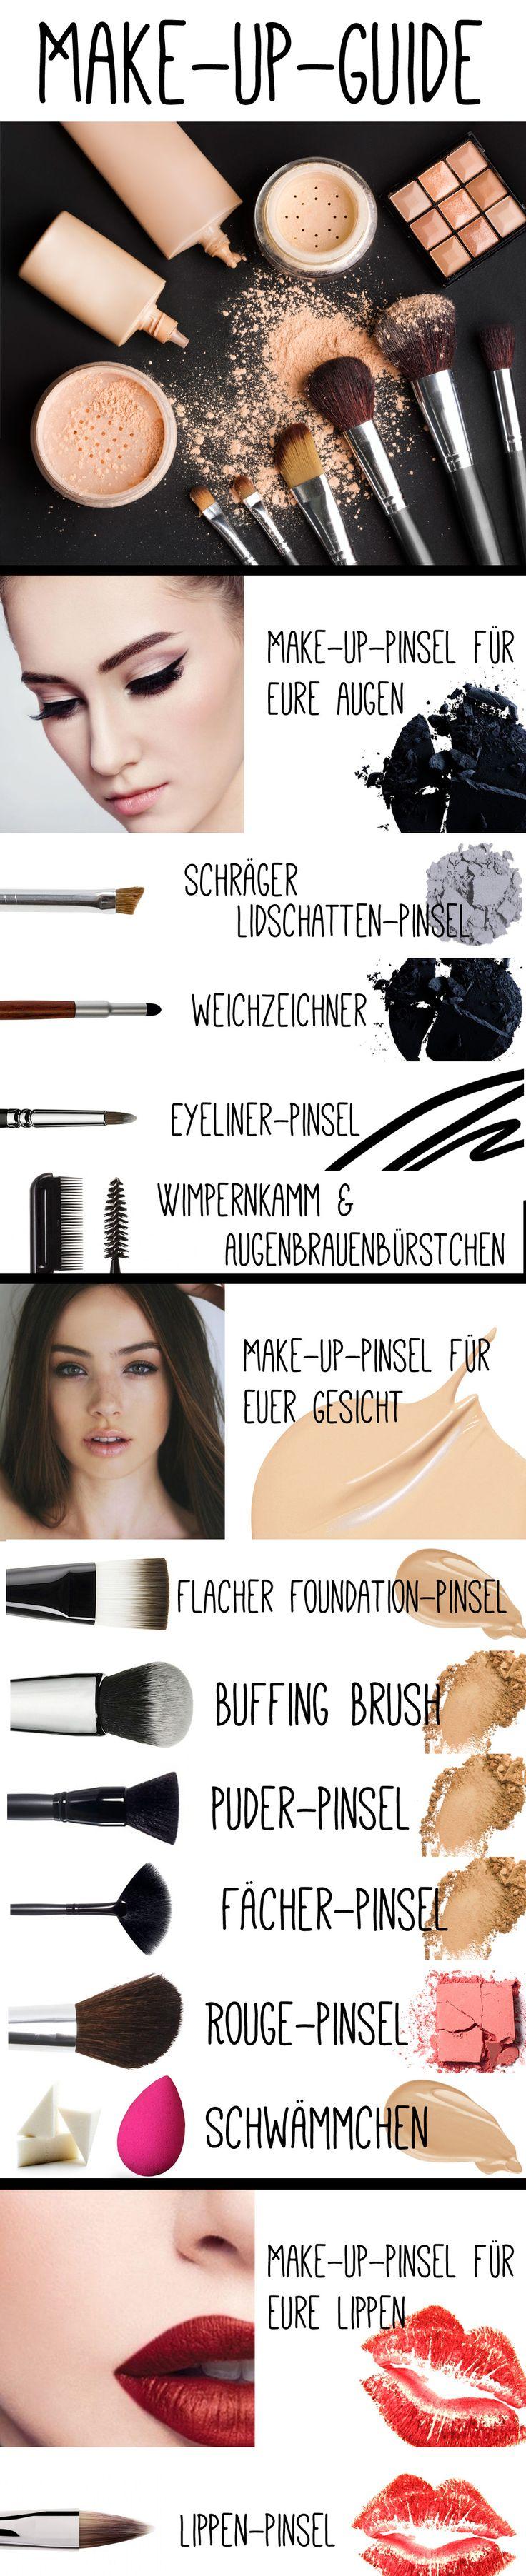 Werdet zum Make-up-Profi mit unserem Pinsel 1×1